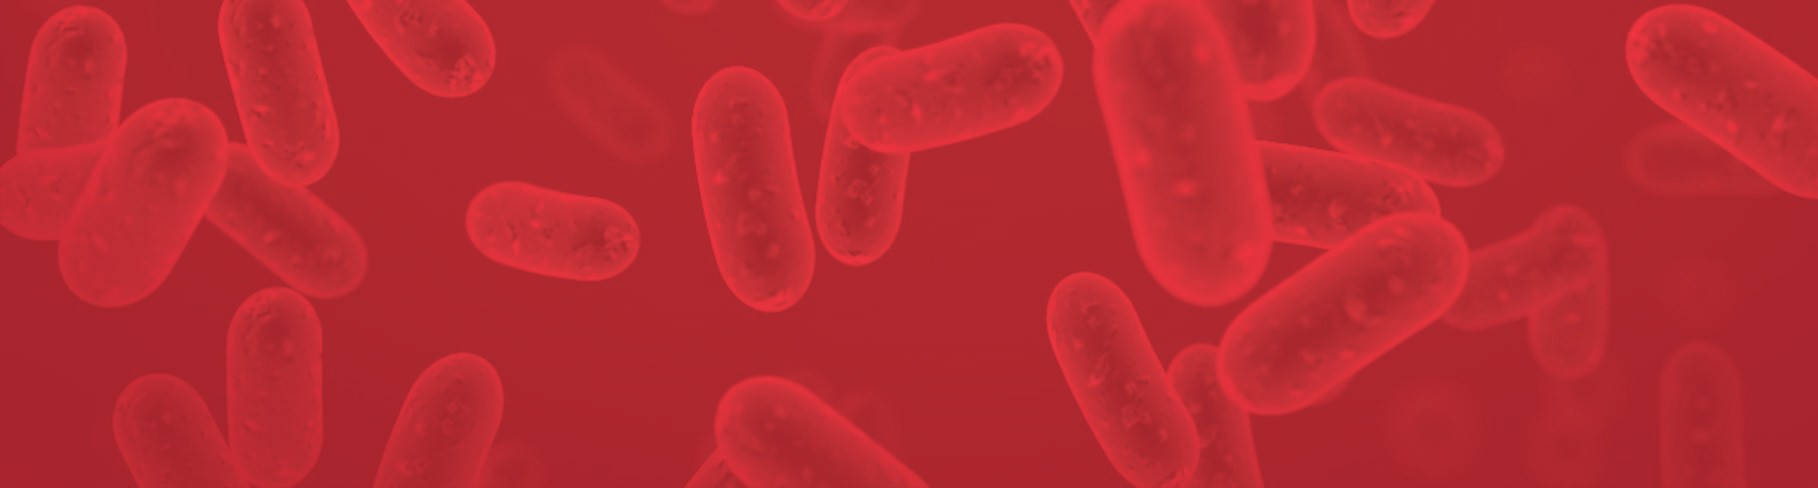 ¿Qué es el microbioma?